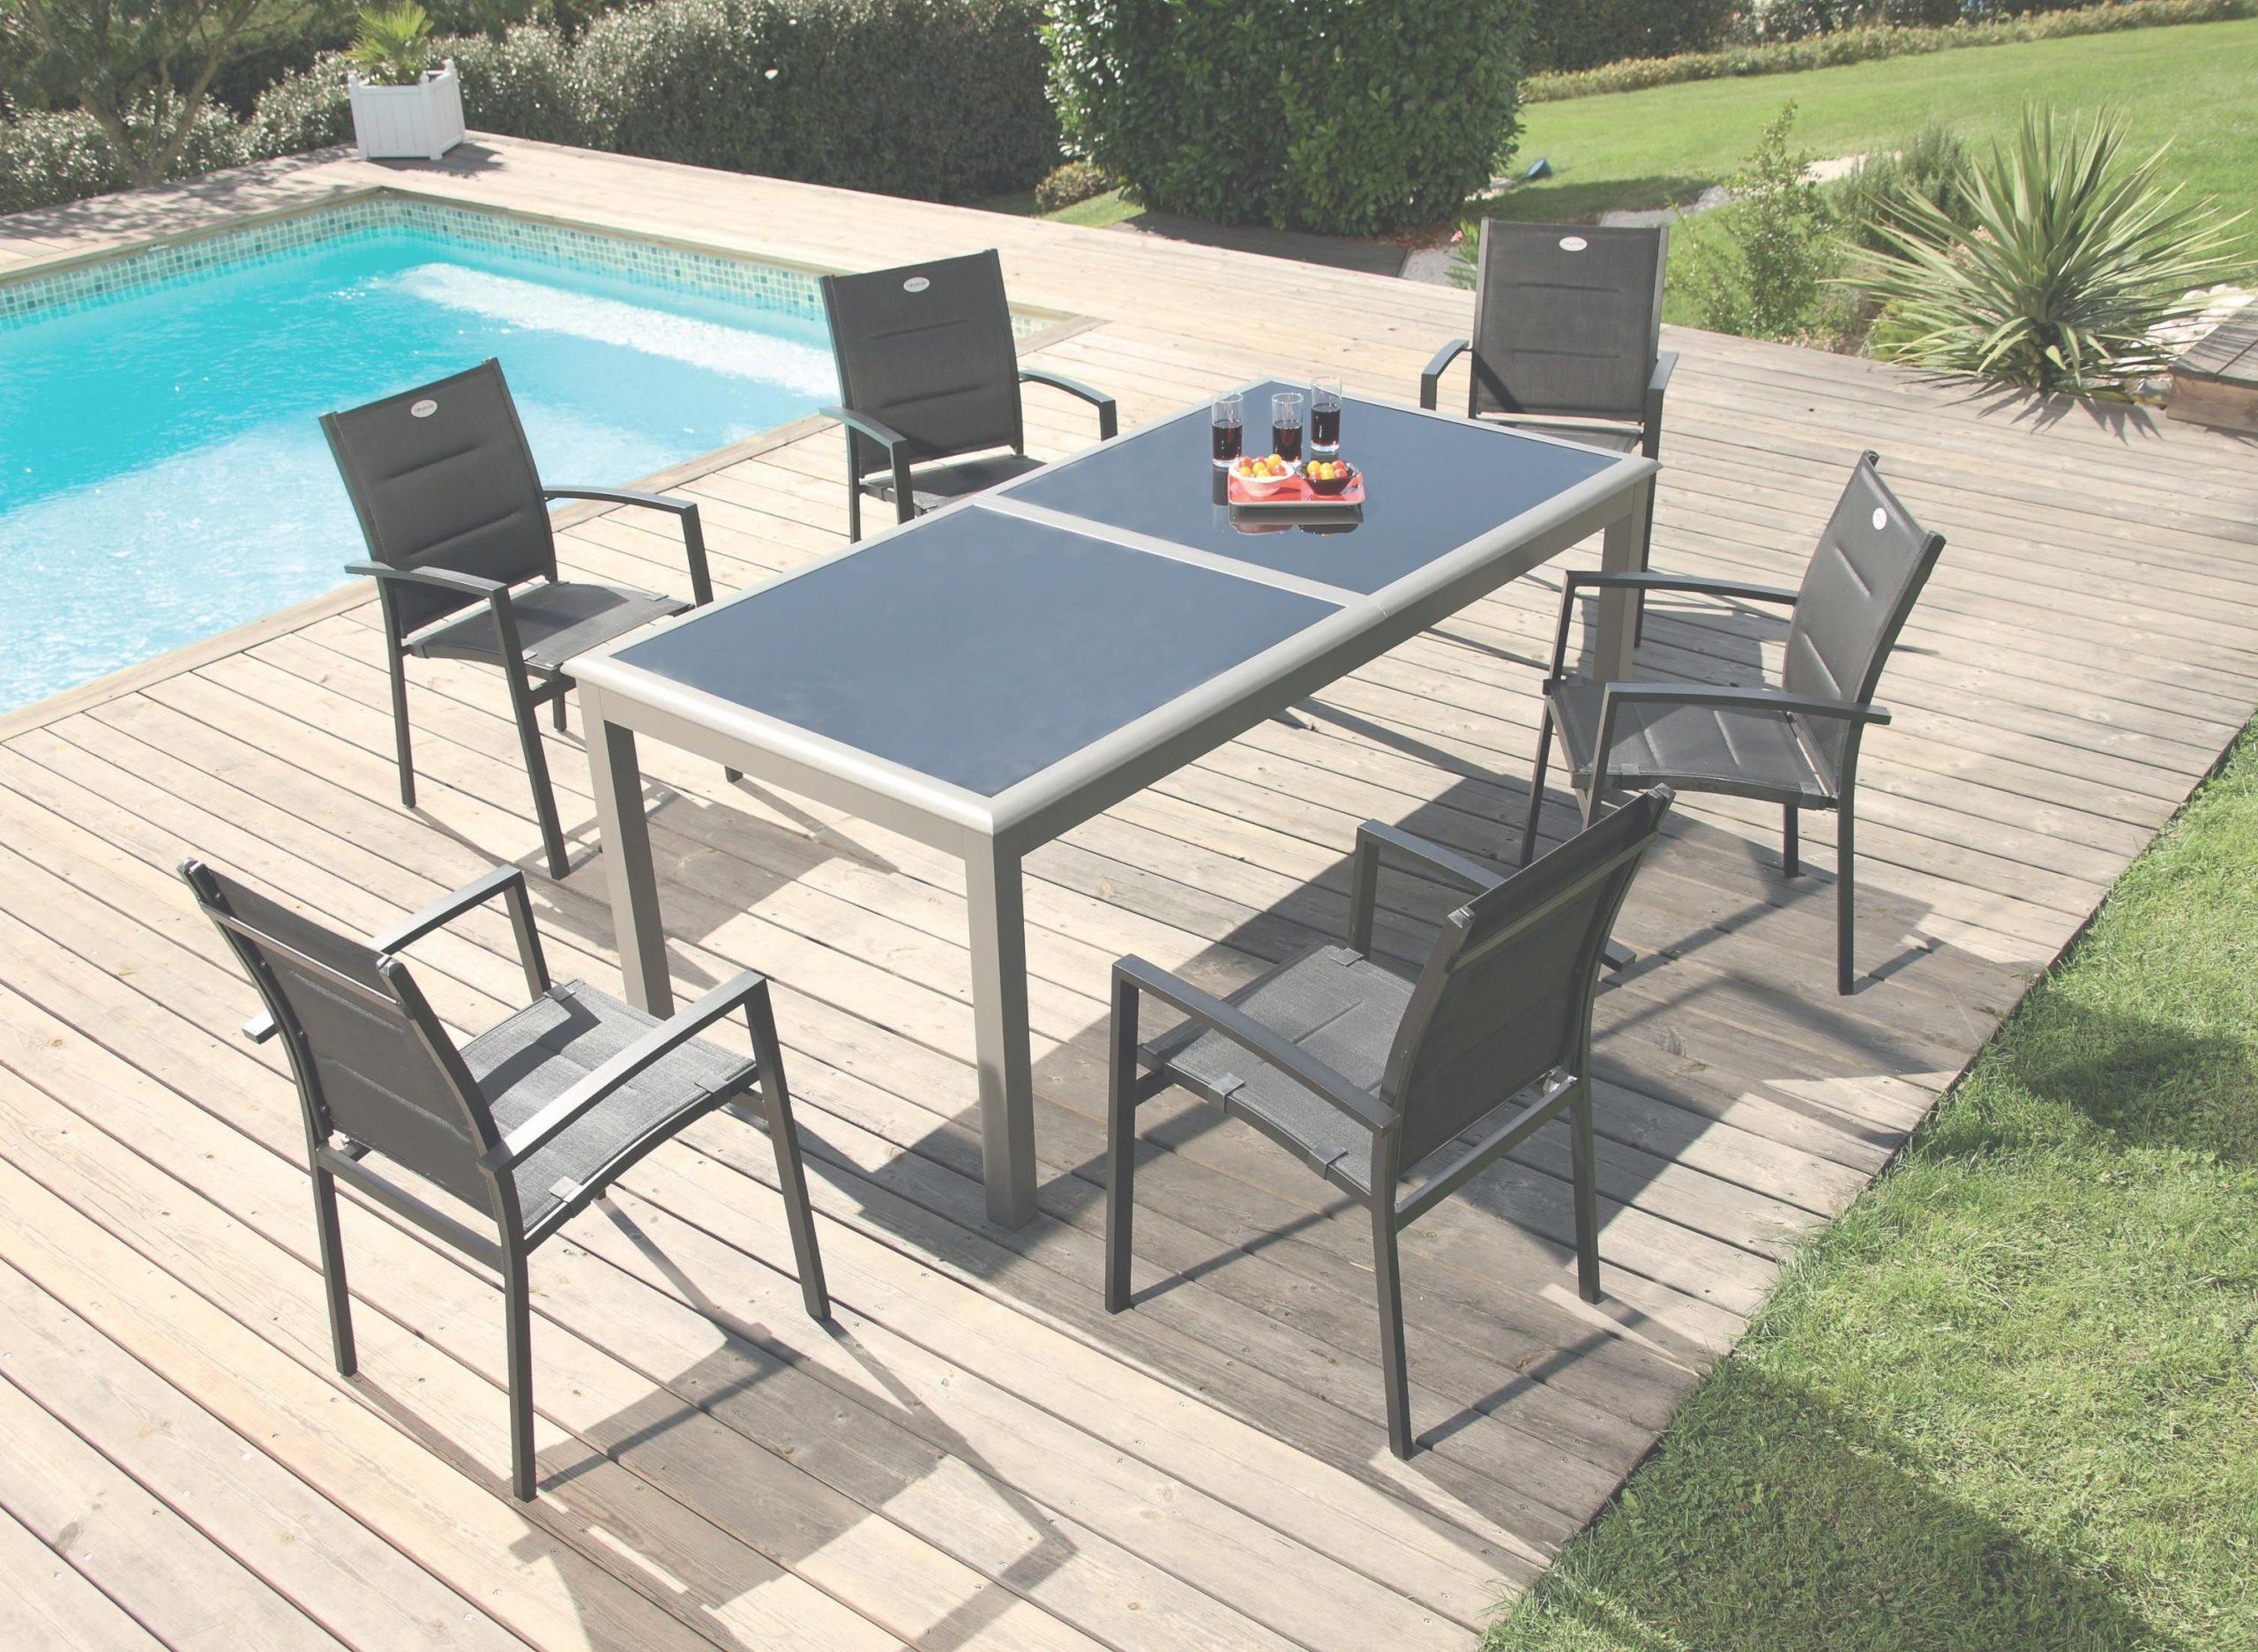 Jardin De Centrakor Images Emejing House Table Plastique ... pour Centrakor Tables De Jardin